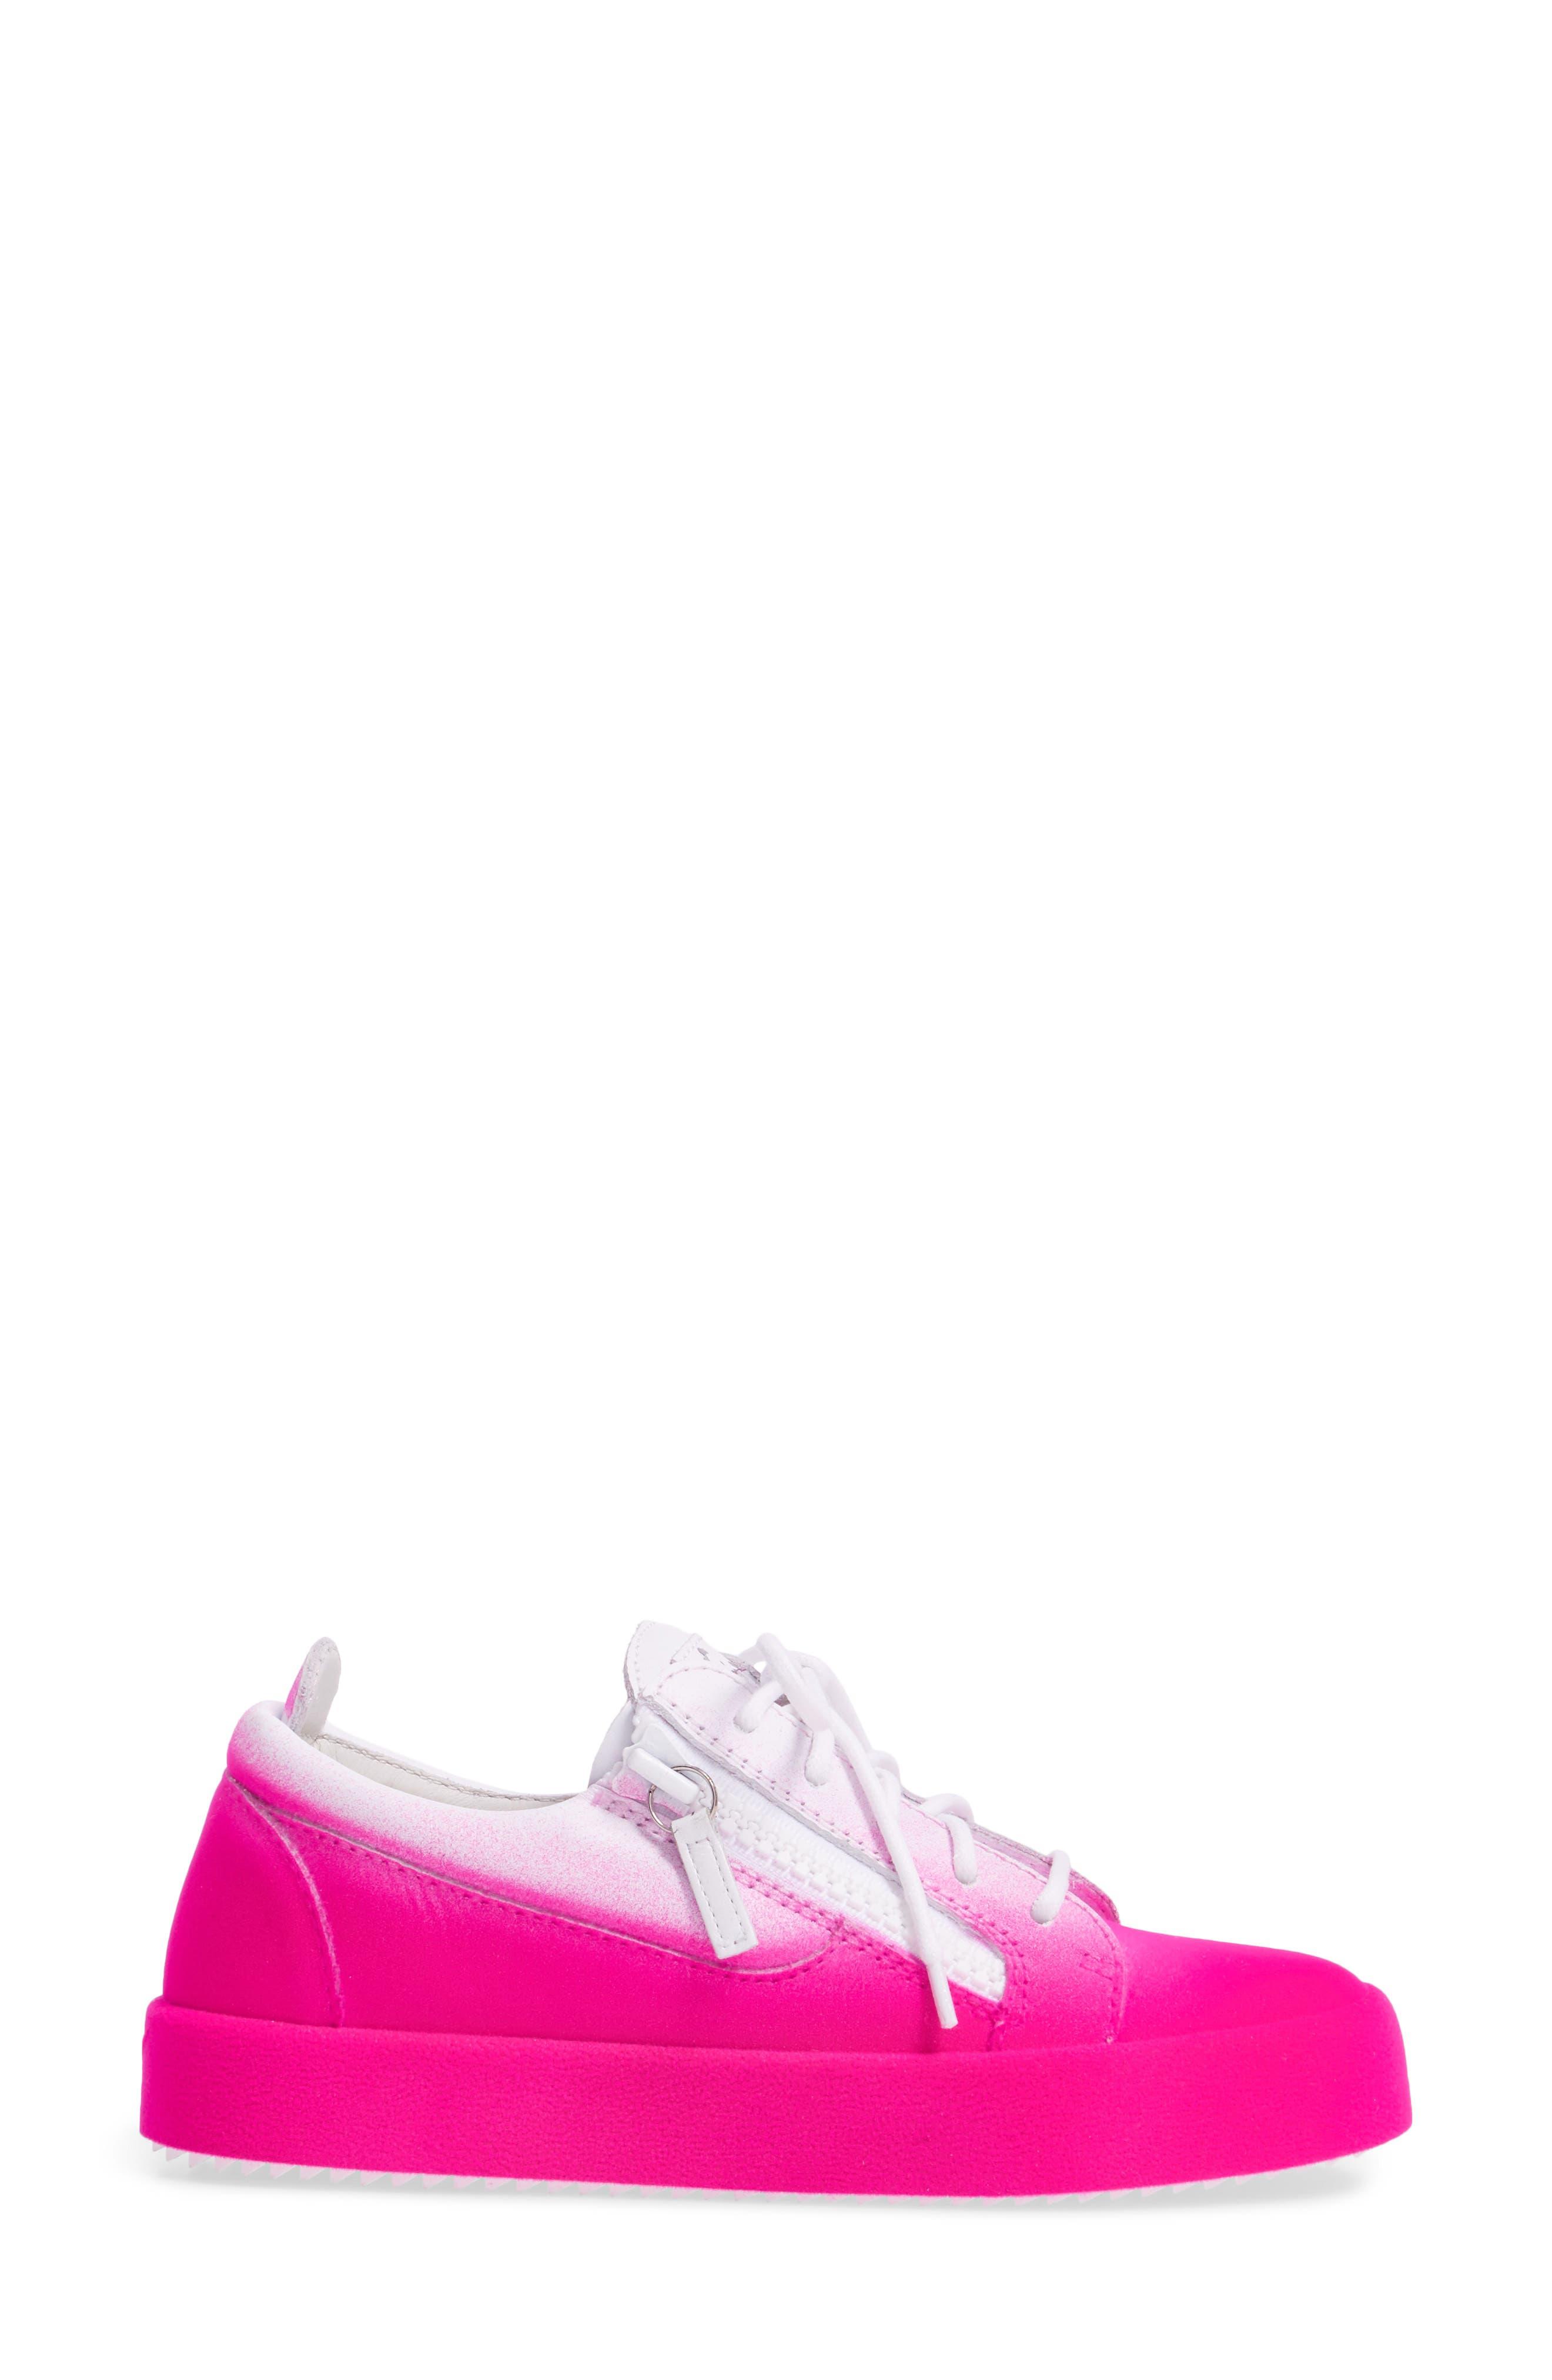 May London Low Top Sneaker,                             Alternate thumbnail 3, color,